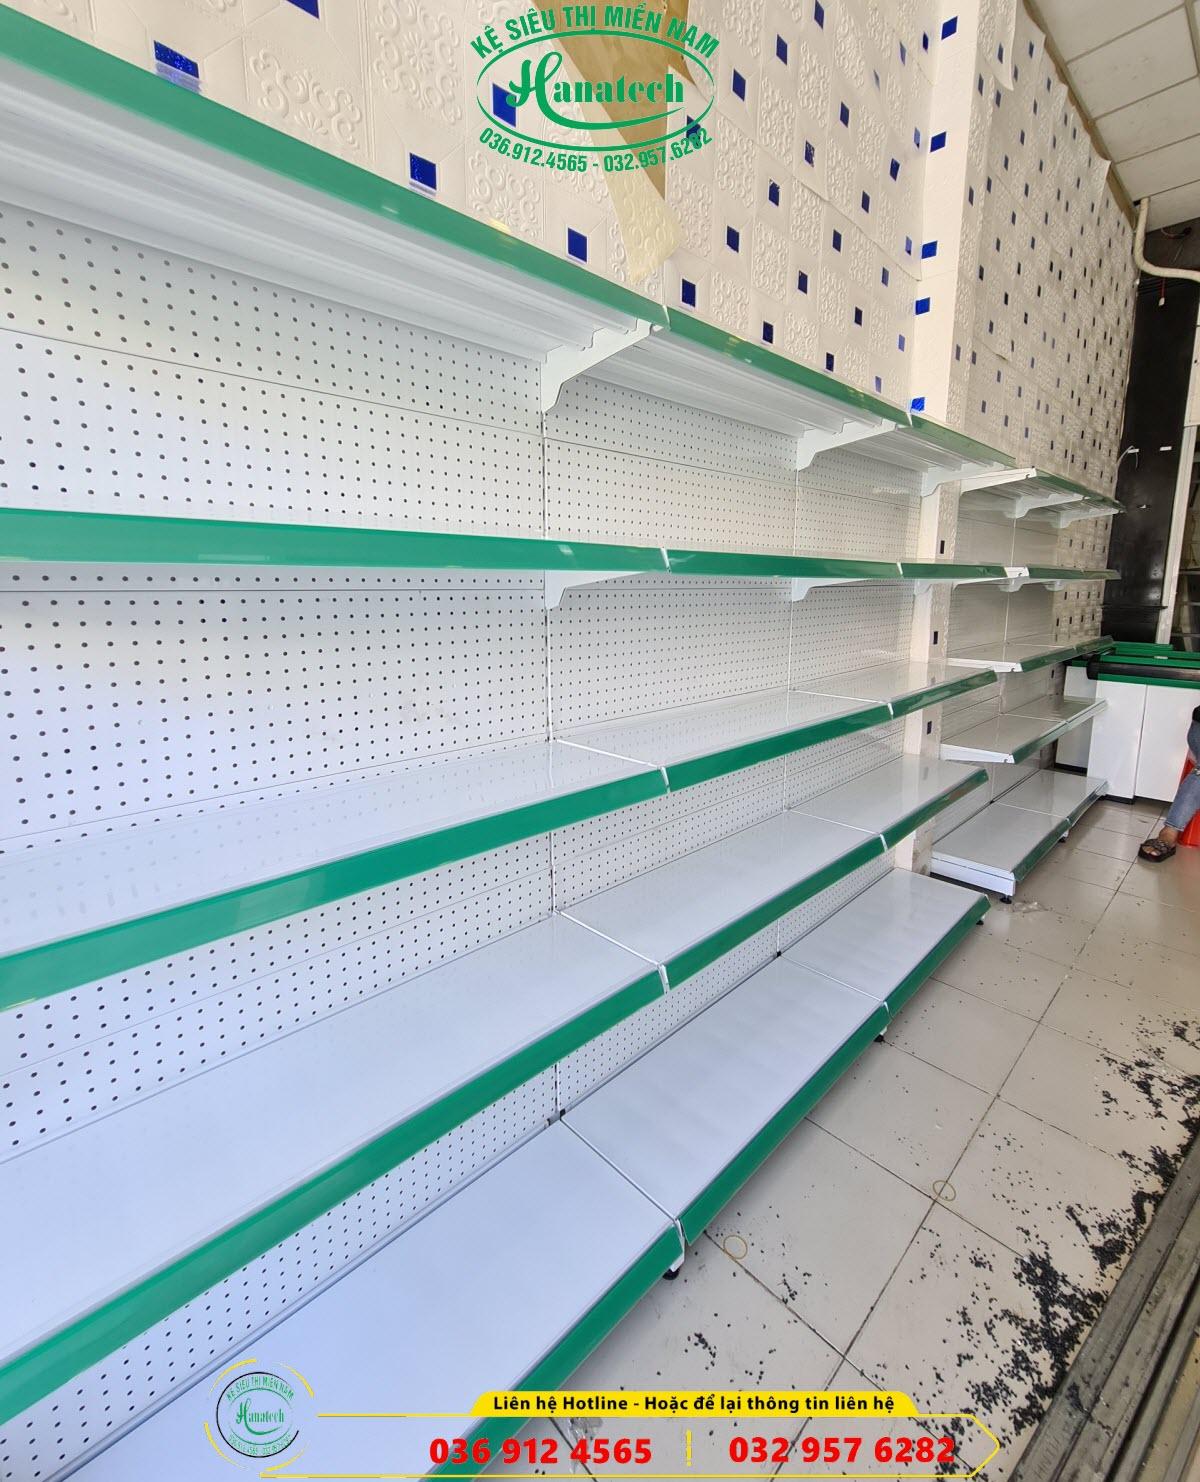 Bảng báo giá kệ siêu thị trưng bày hàng tại TPHCM - Sài Gòn